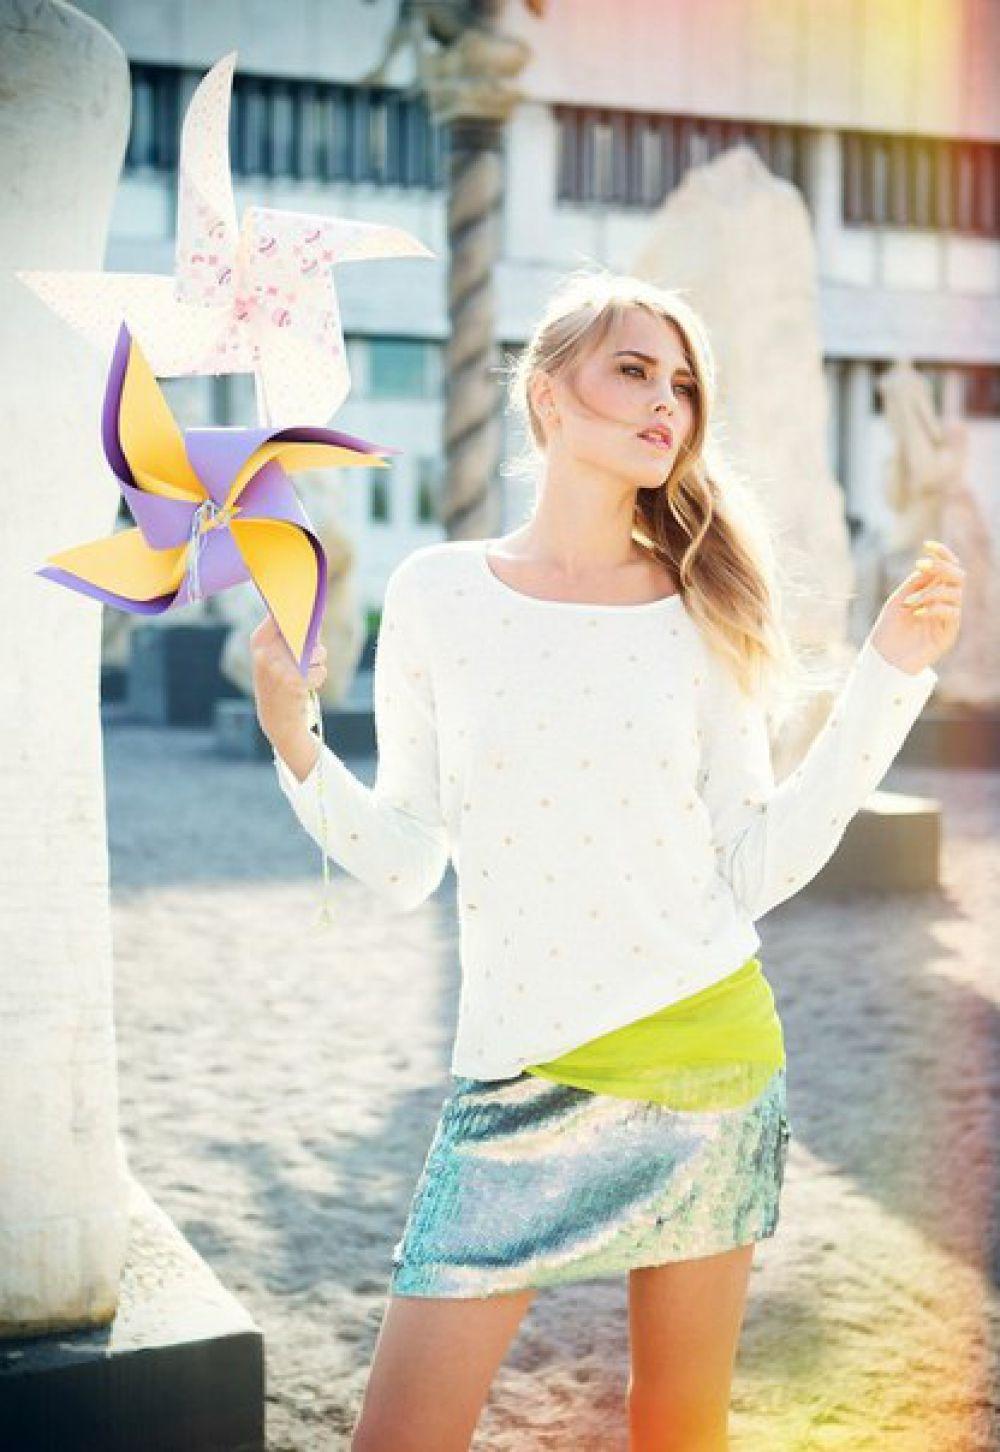 В своим 19 годам Катя уже смогла добиться больших успехов в модельном бизнесе.